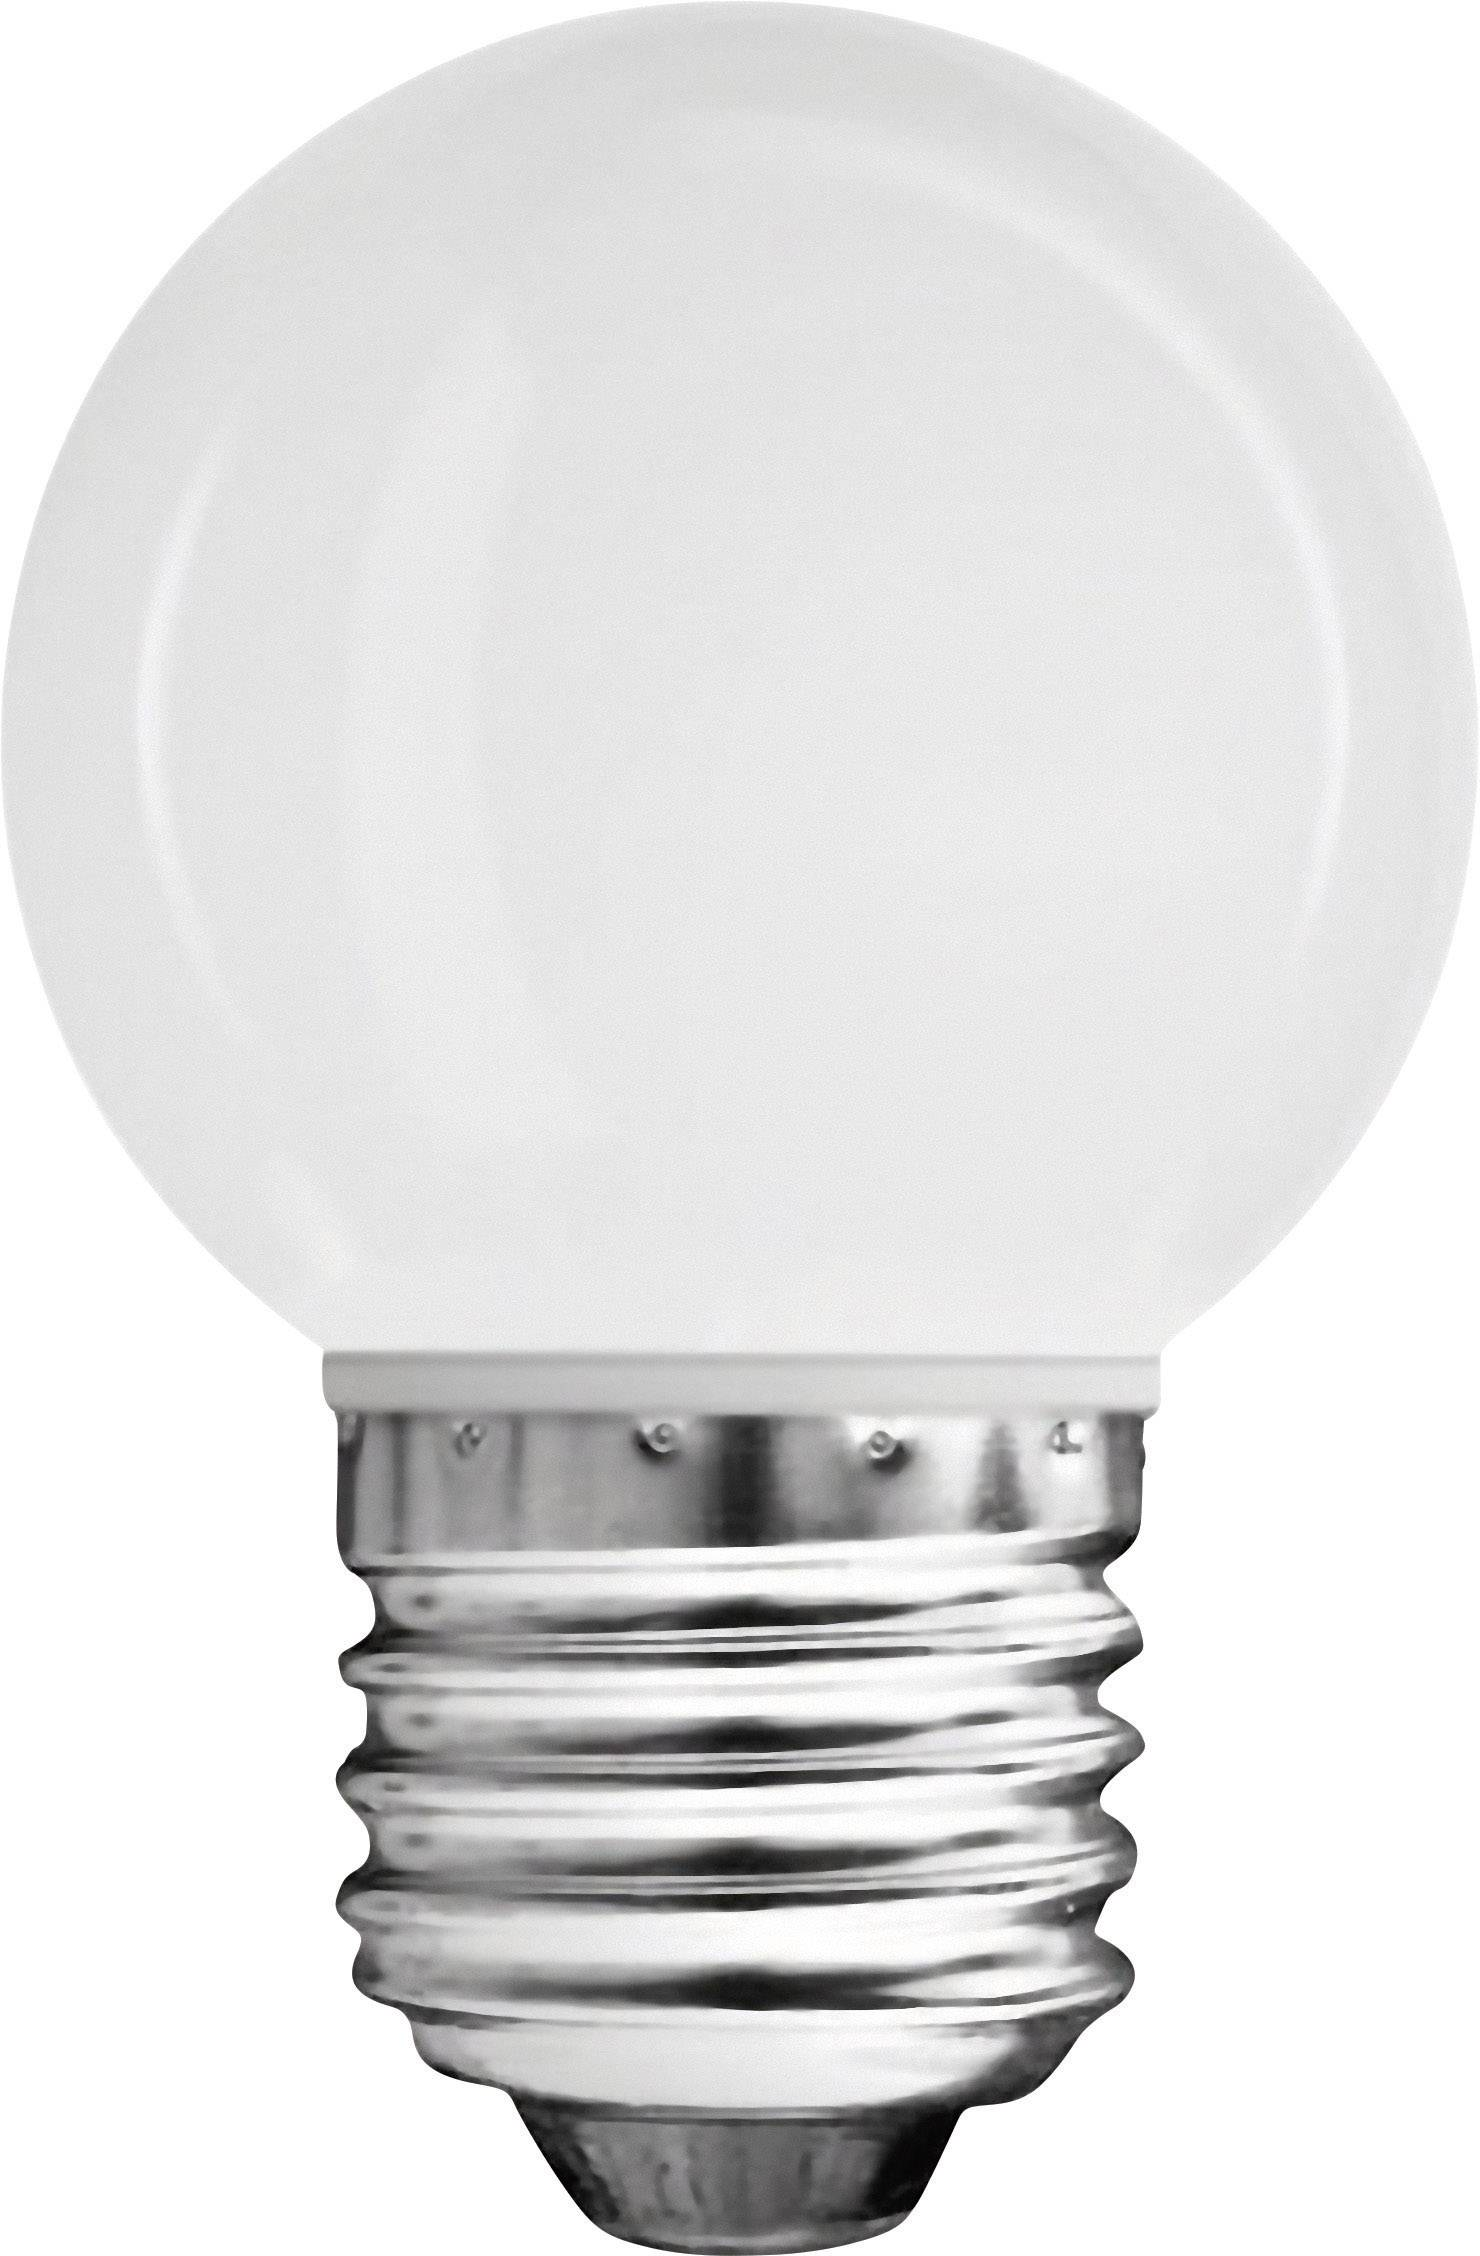 LED žiarovka Müller Licht 24540 230 V, 0.6 W = 4 W, teplá biela, A++, 1 ks